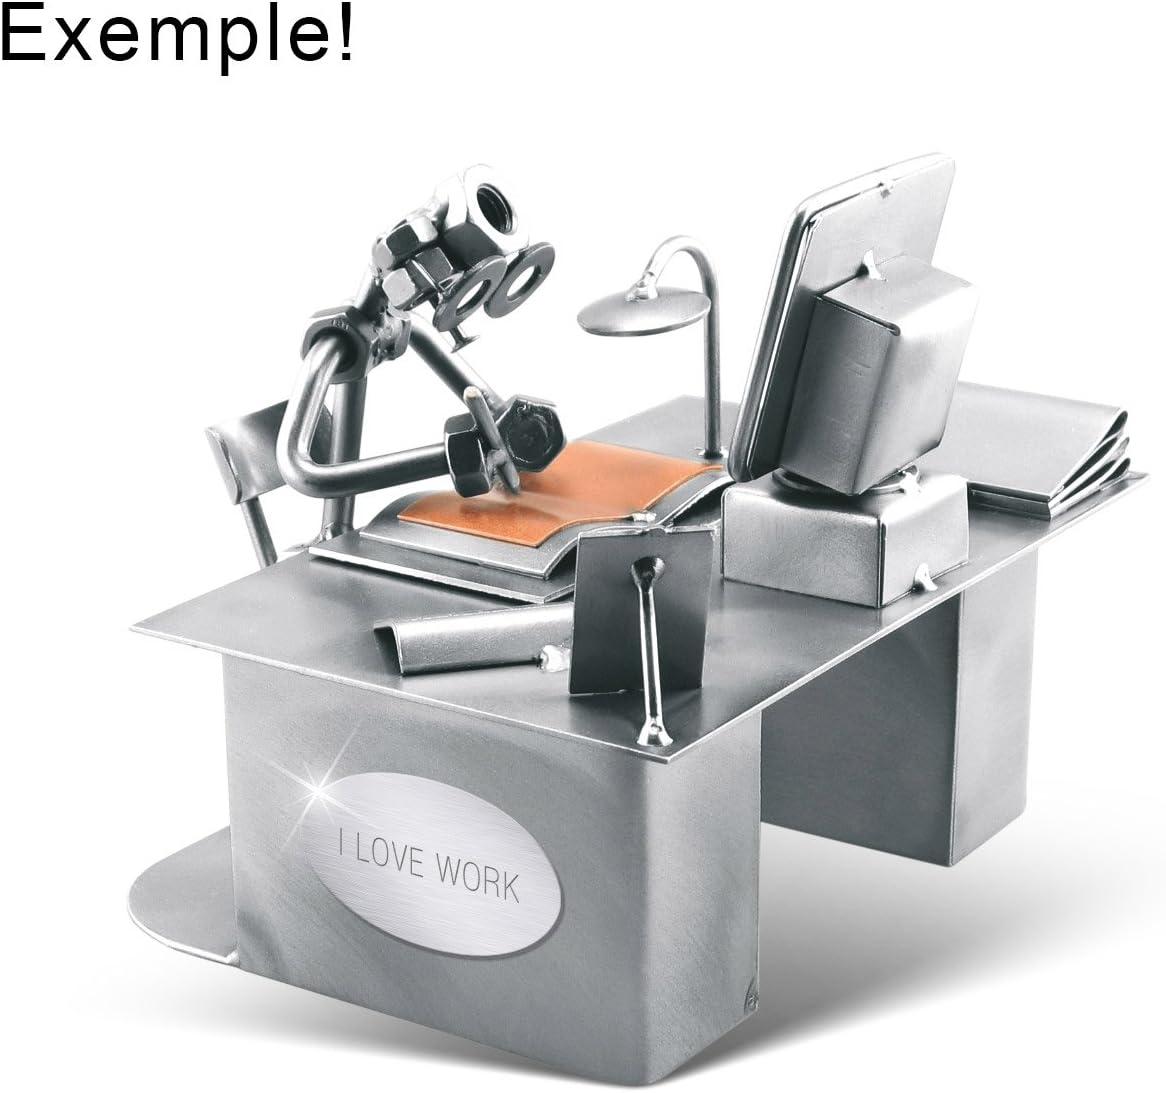 Steelman24 I Figurine en m/étal Peintre en B/âtiment avec Rouleau Et Porte-Cartes De Visite avec Plaque De Gravure I Made in Germany I Id/ées Cadeaux